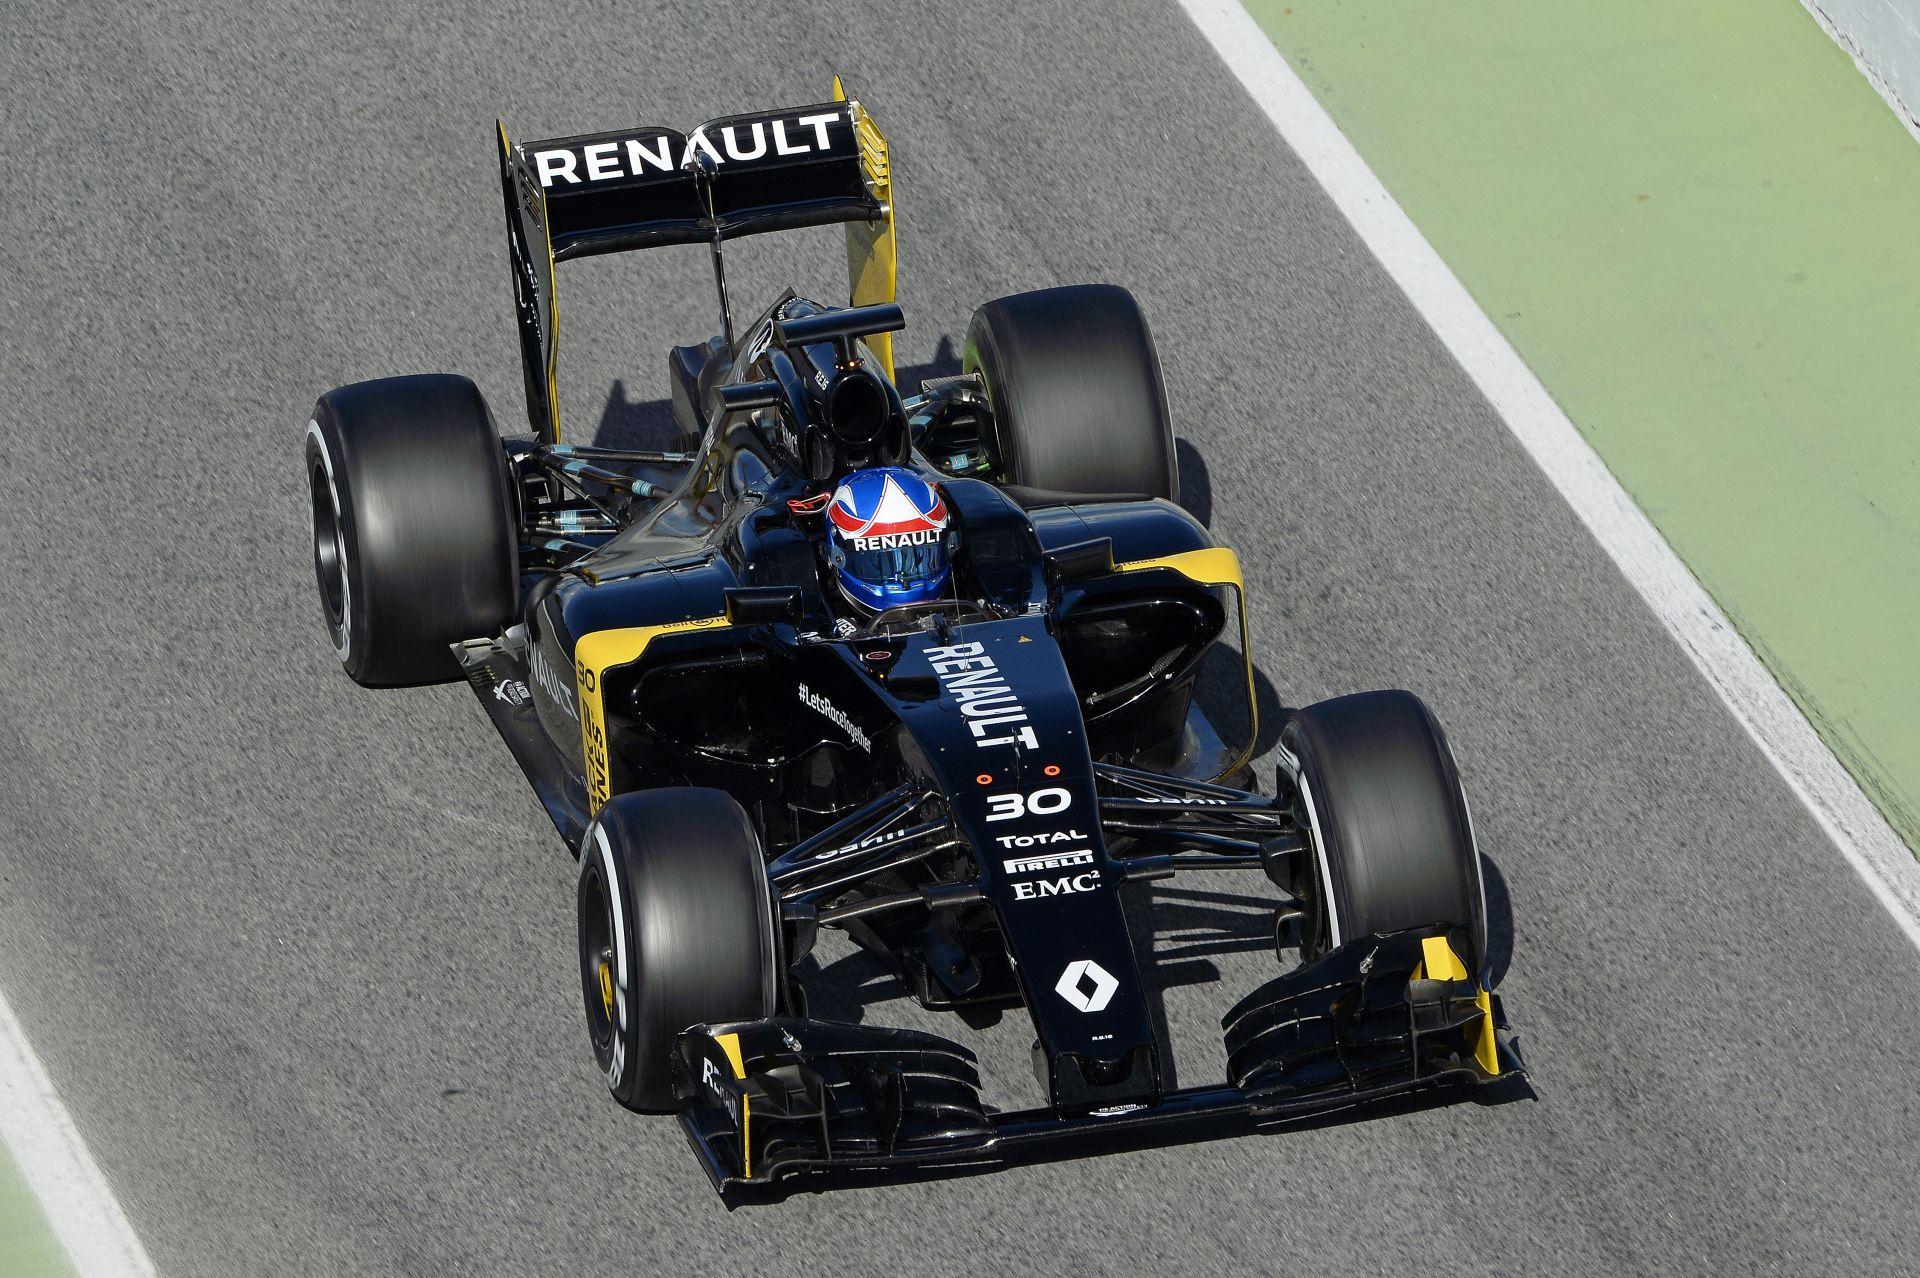 Majdnem 100 kört ment a Renault ma Barcelonában: alakul